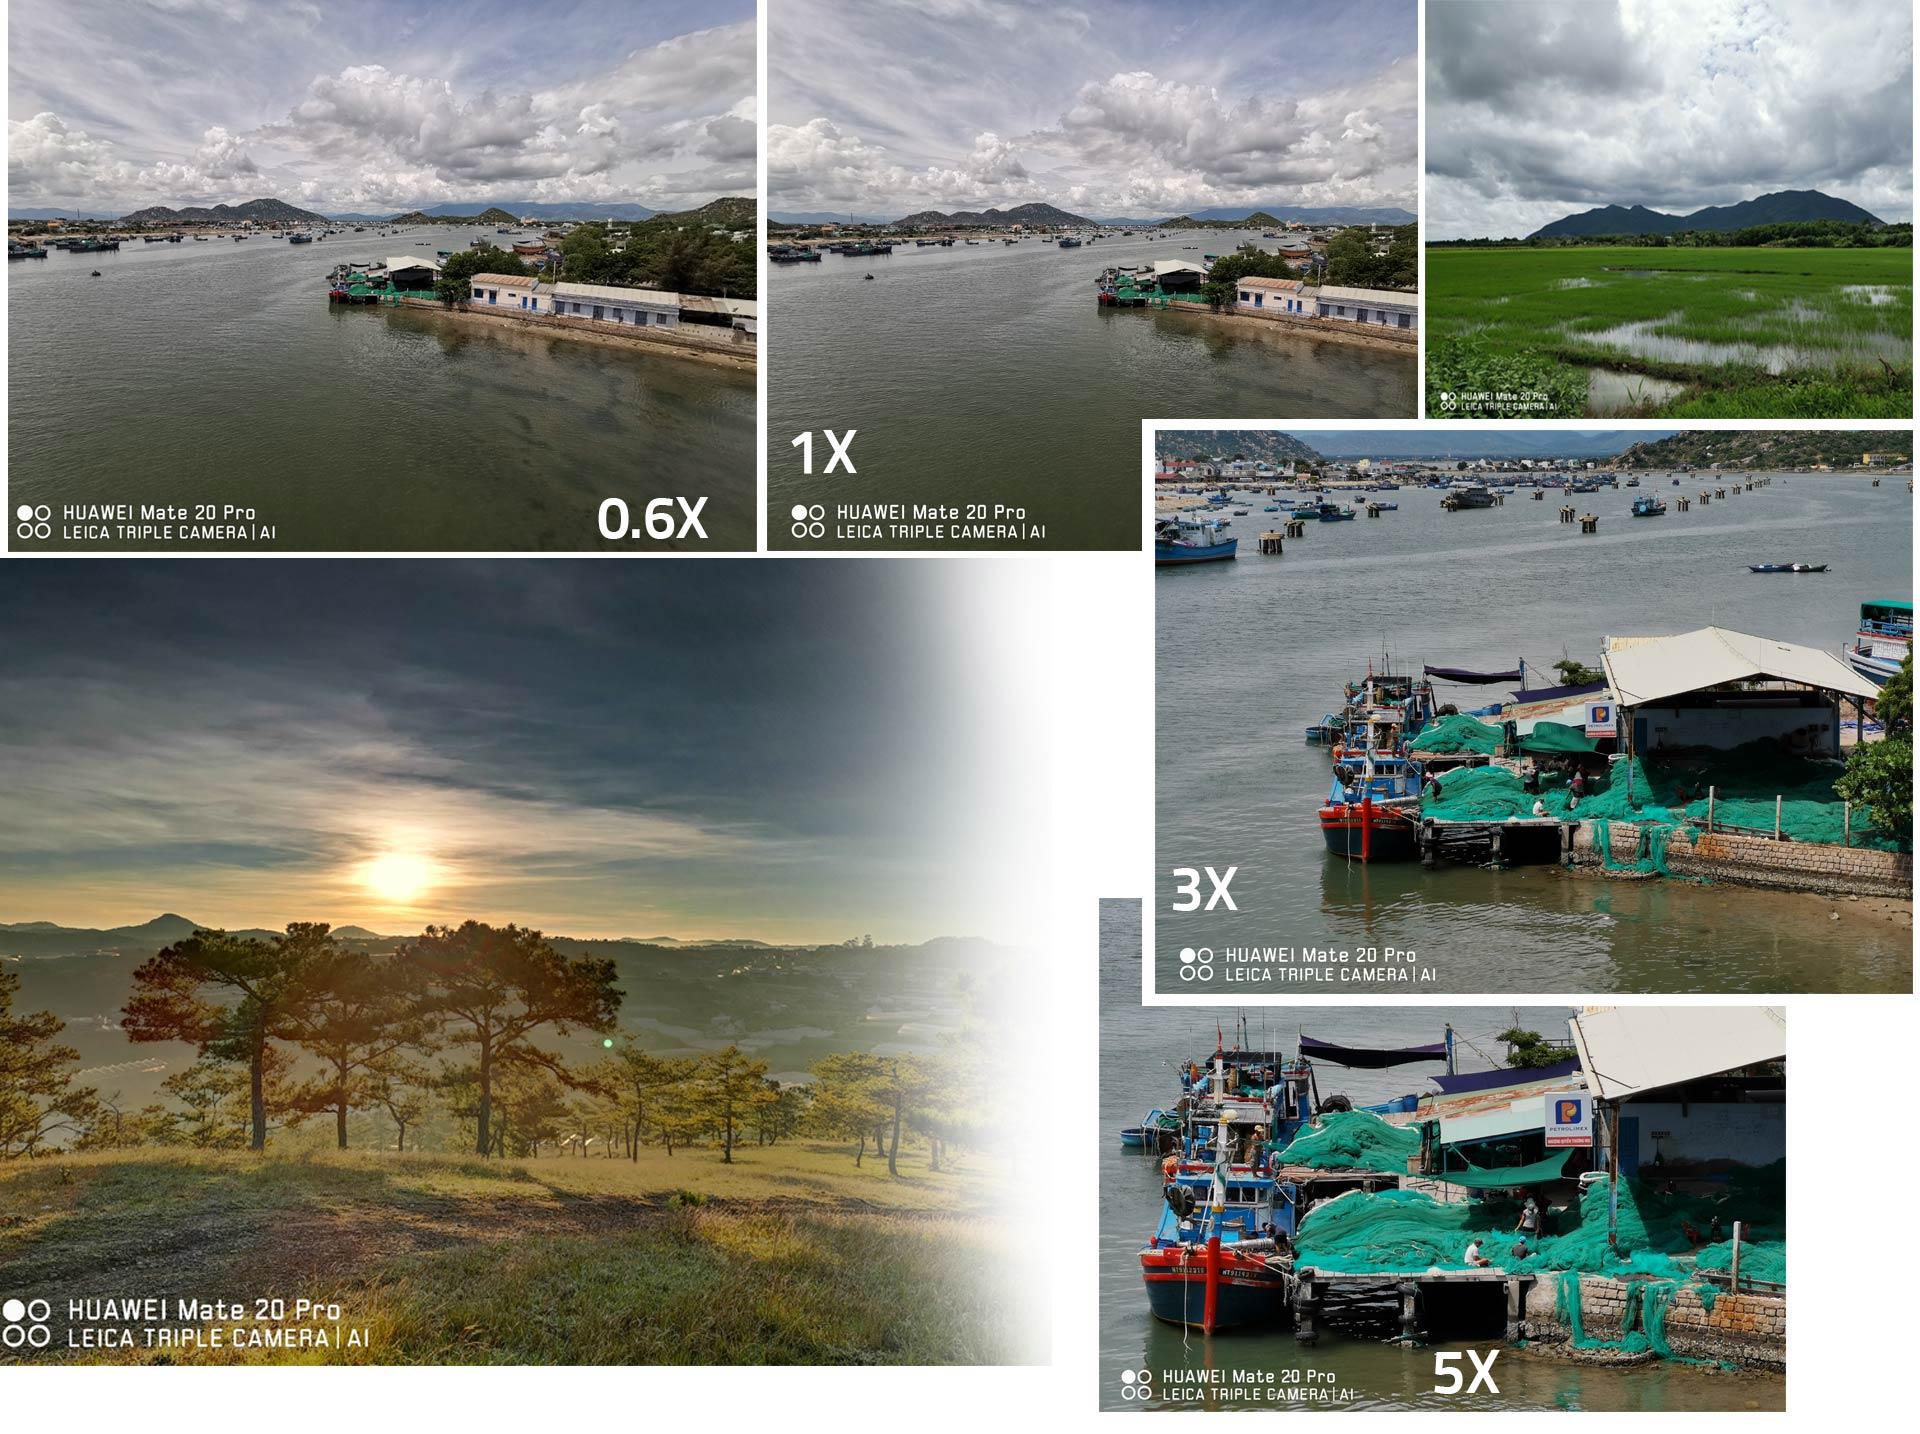 Huawei Mate 20 Pro chụp ảnh quá đỉnh, nhìn là thích ngay - 5